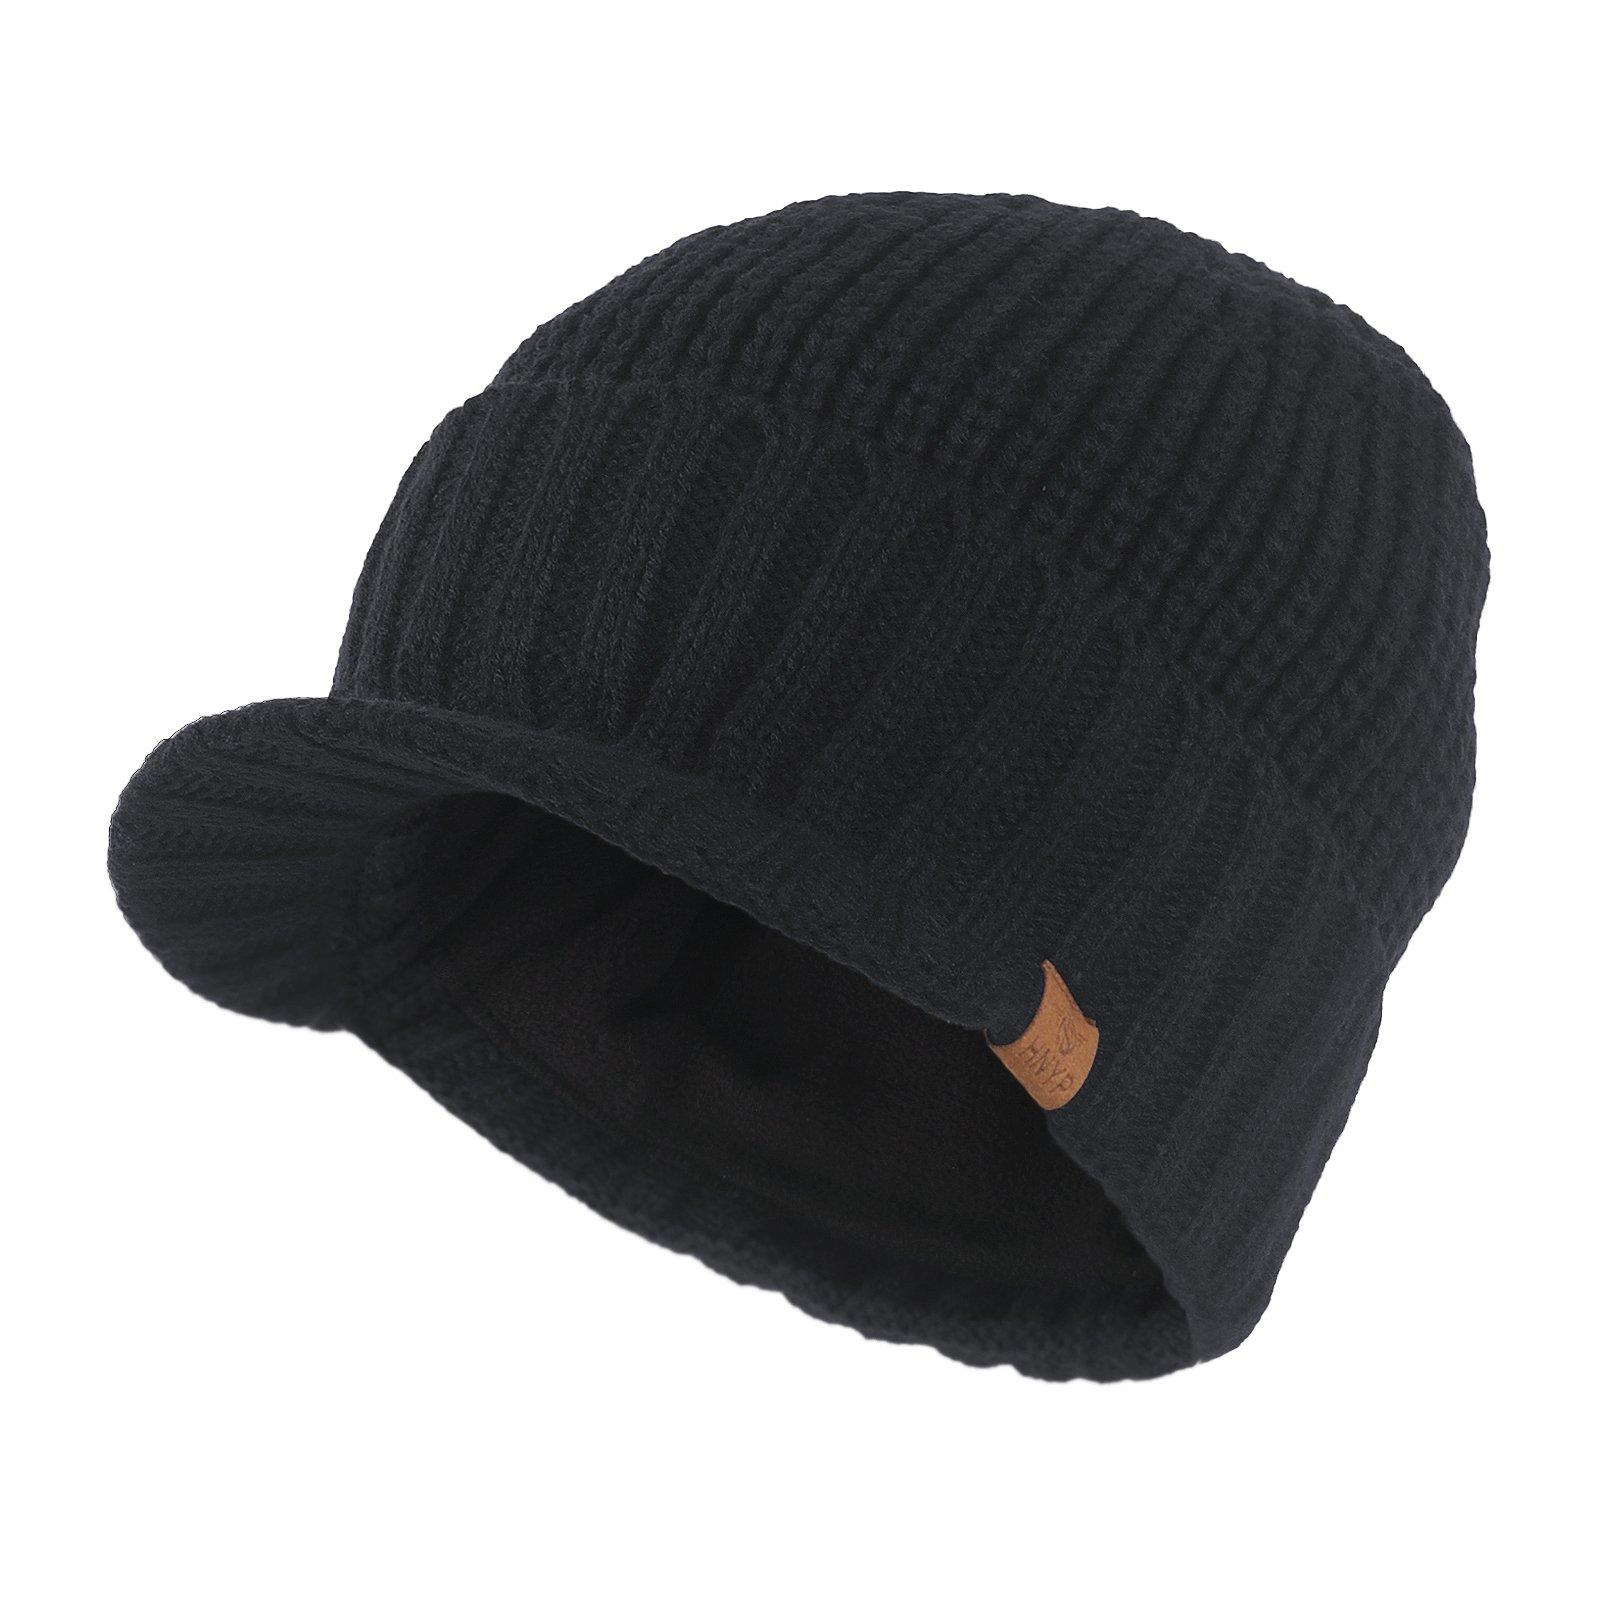 f6d5604e23c JaneyRubbins Knit Visor Brim Beanie Hats Fleece Lined Skull Ski Caps (Black)